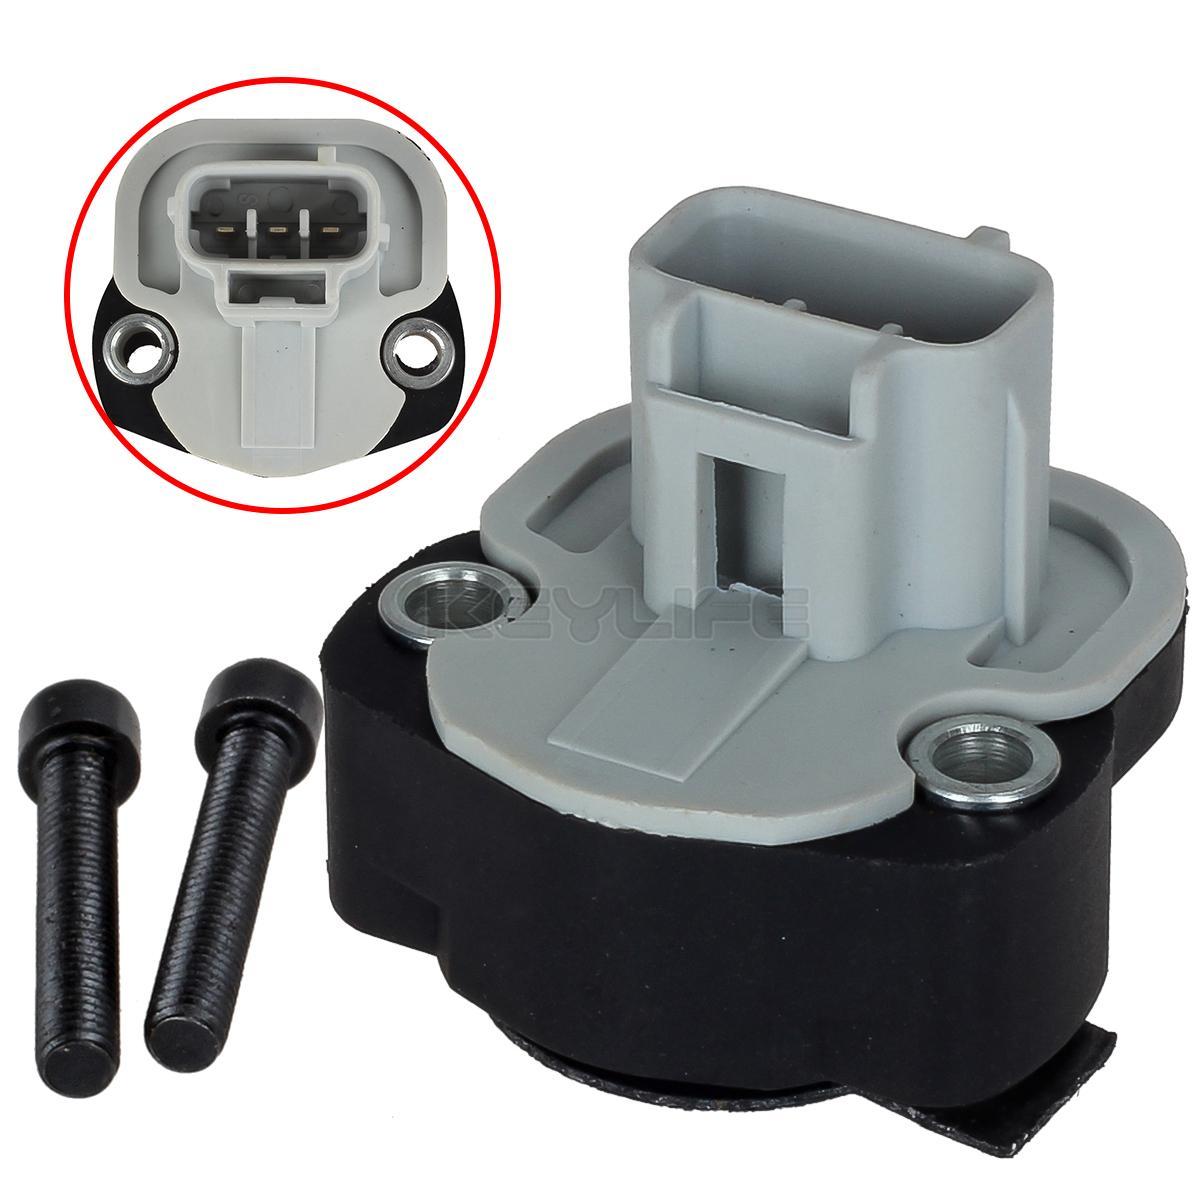 Tps Throttle Position Sensor For 98 2007 Dodge Durango